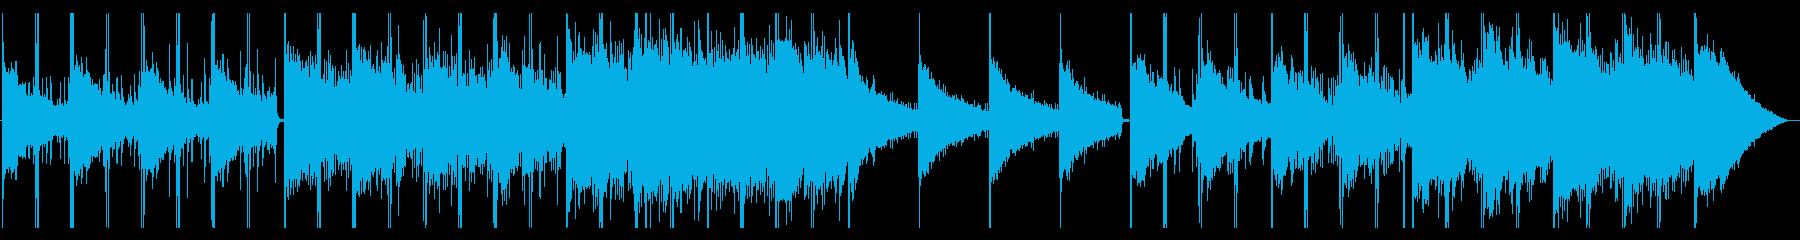 幻想的な風景の似合うエレクトロニカの再生済みの波形